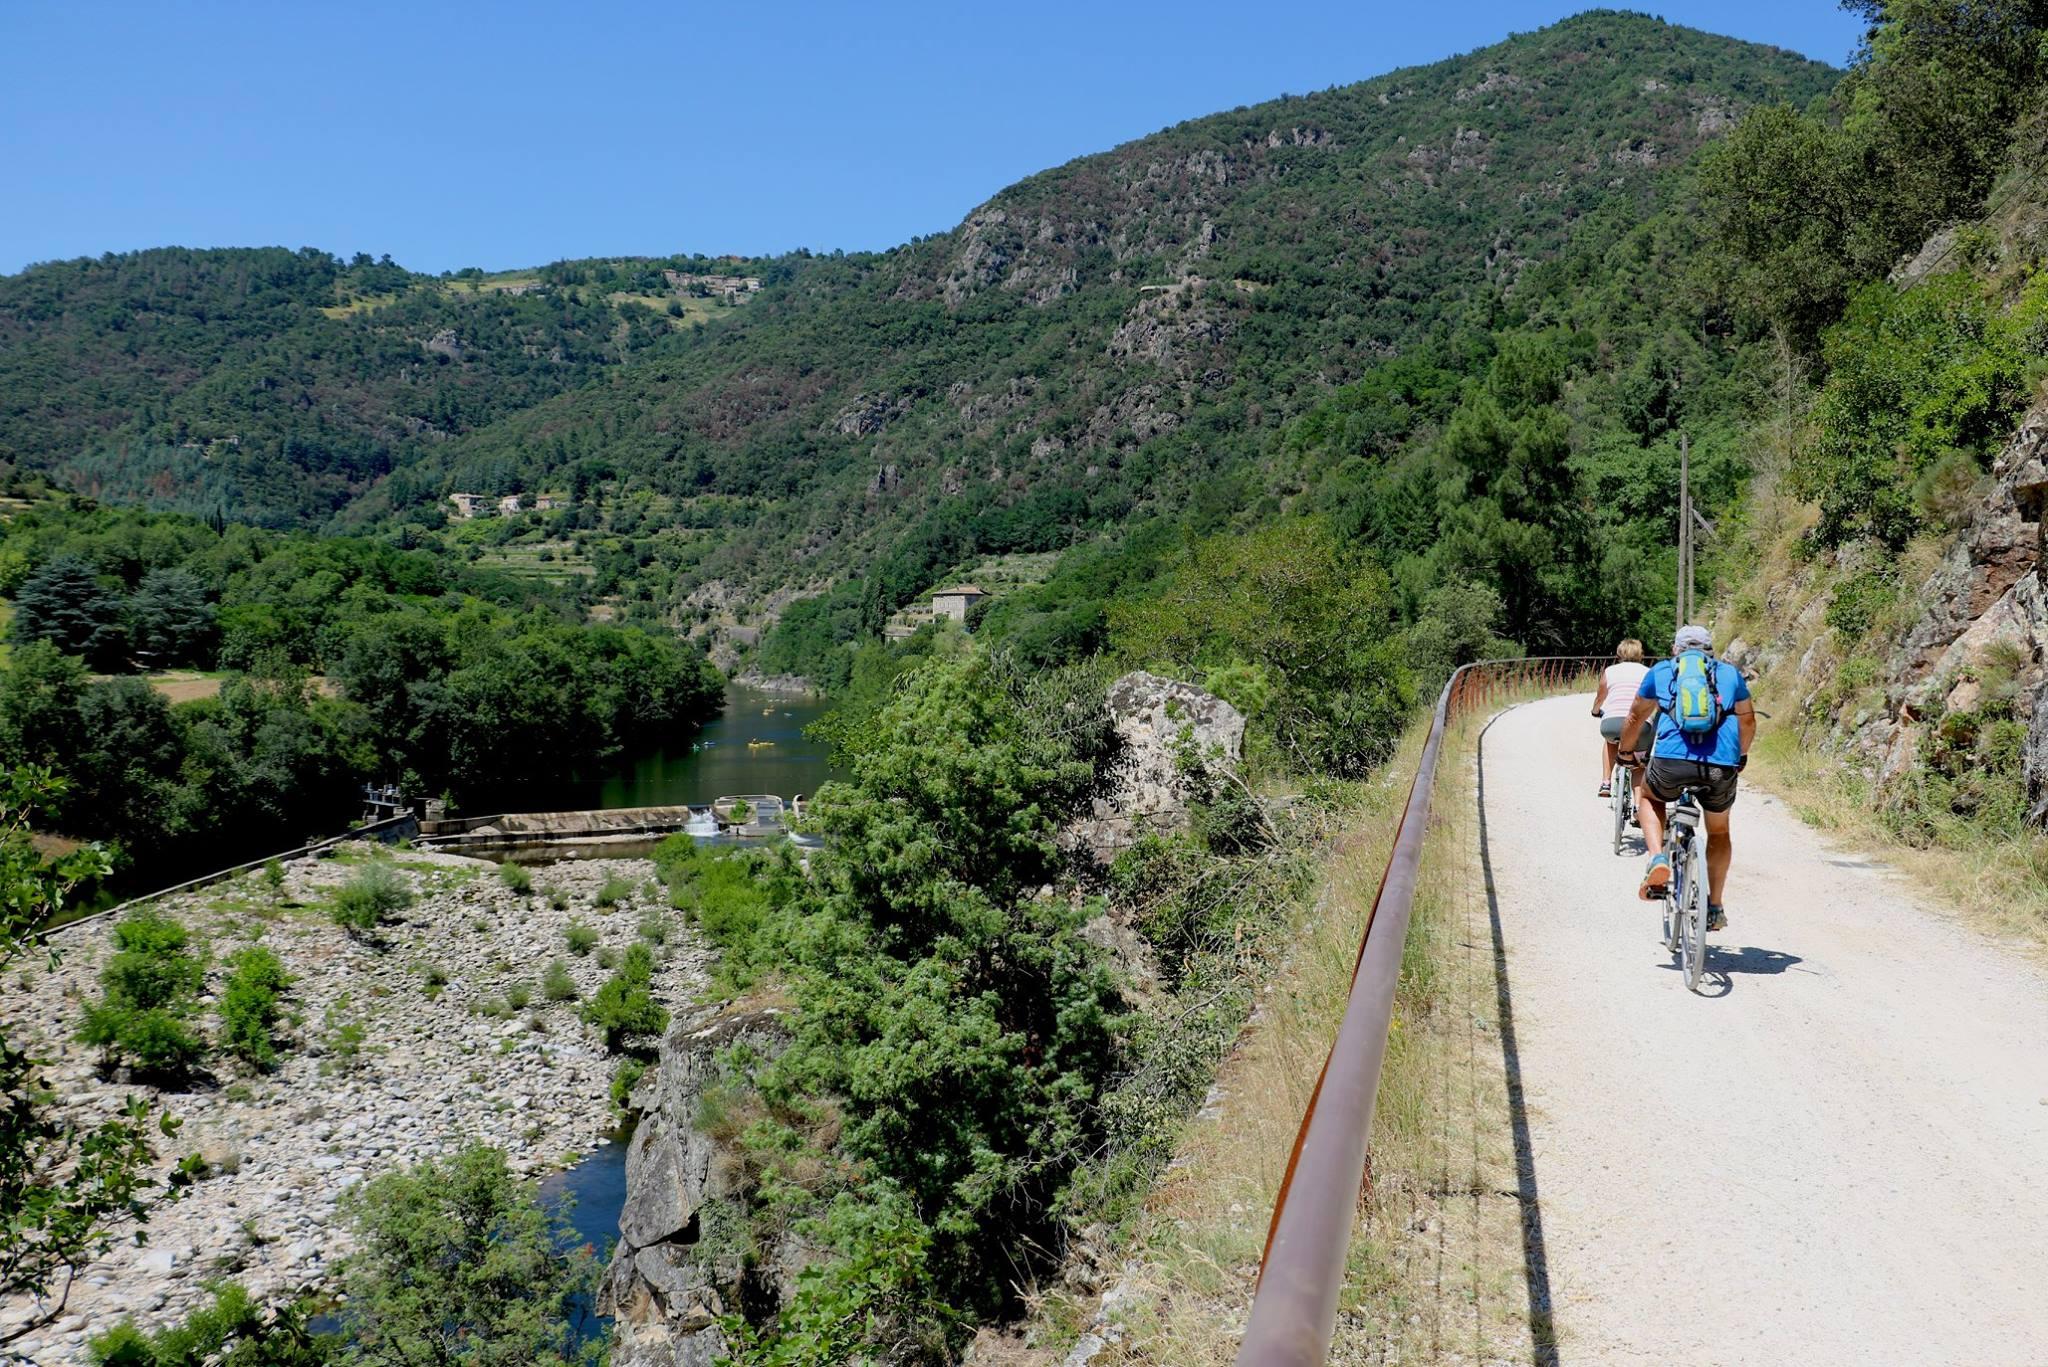 Location de vélos - Eyrieux Sport